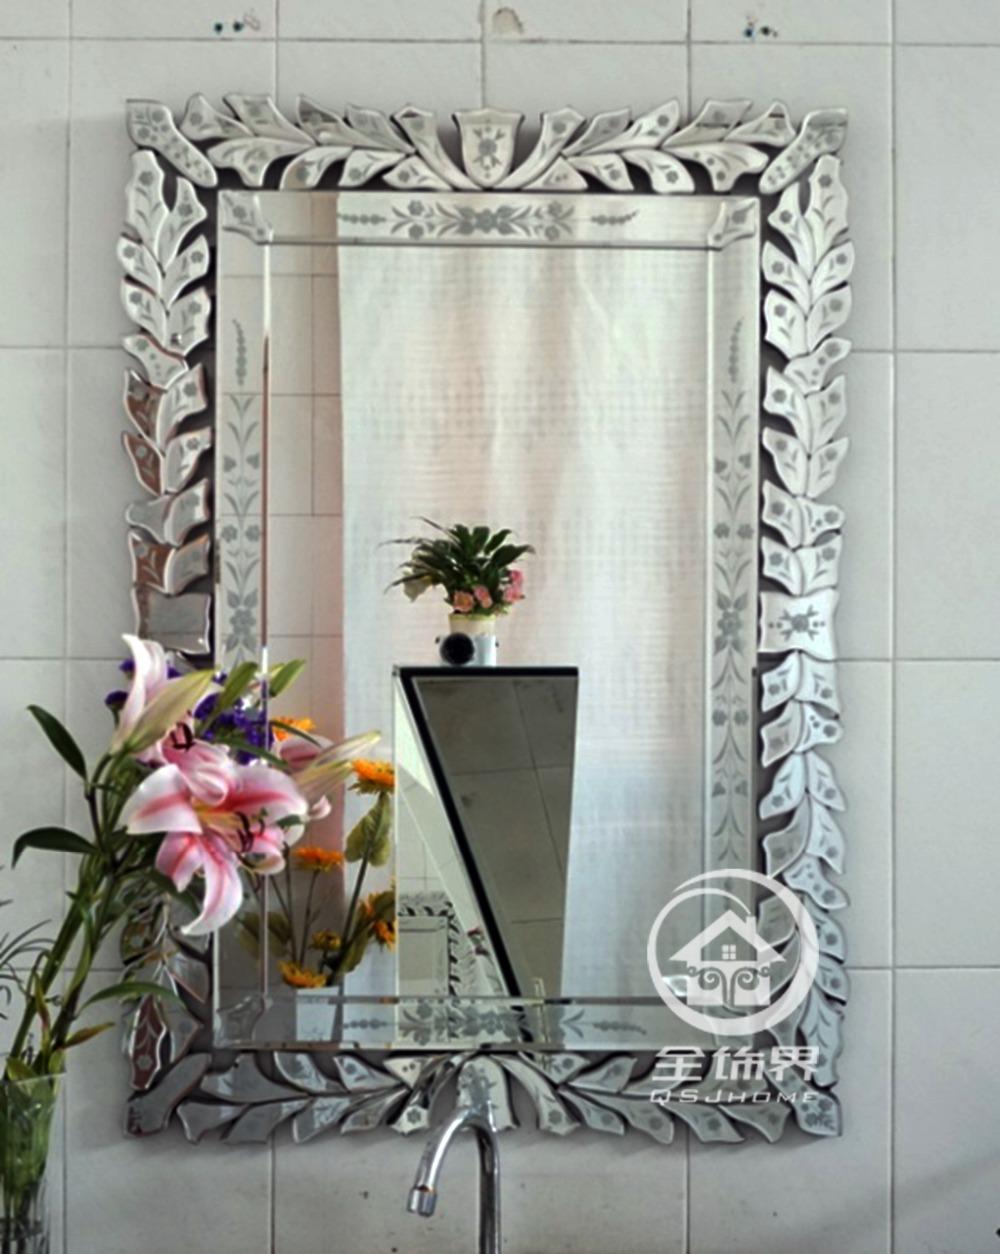 moderna lmpara de pared de vidrio espejo espejo de pared decorativos arte de venecia veneciano espejo